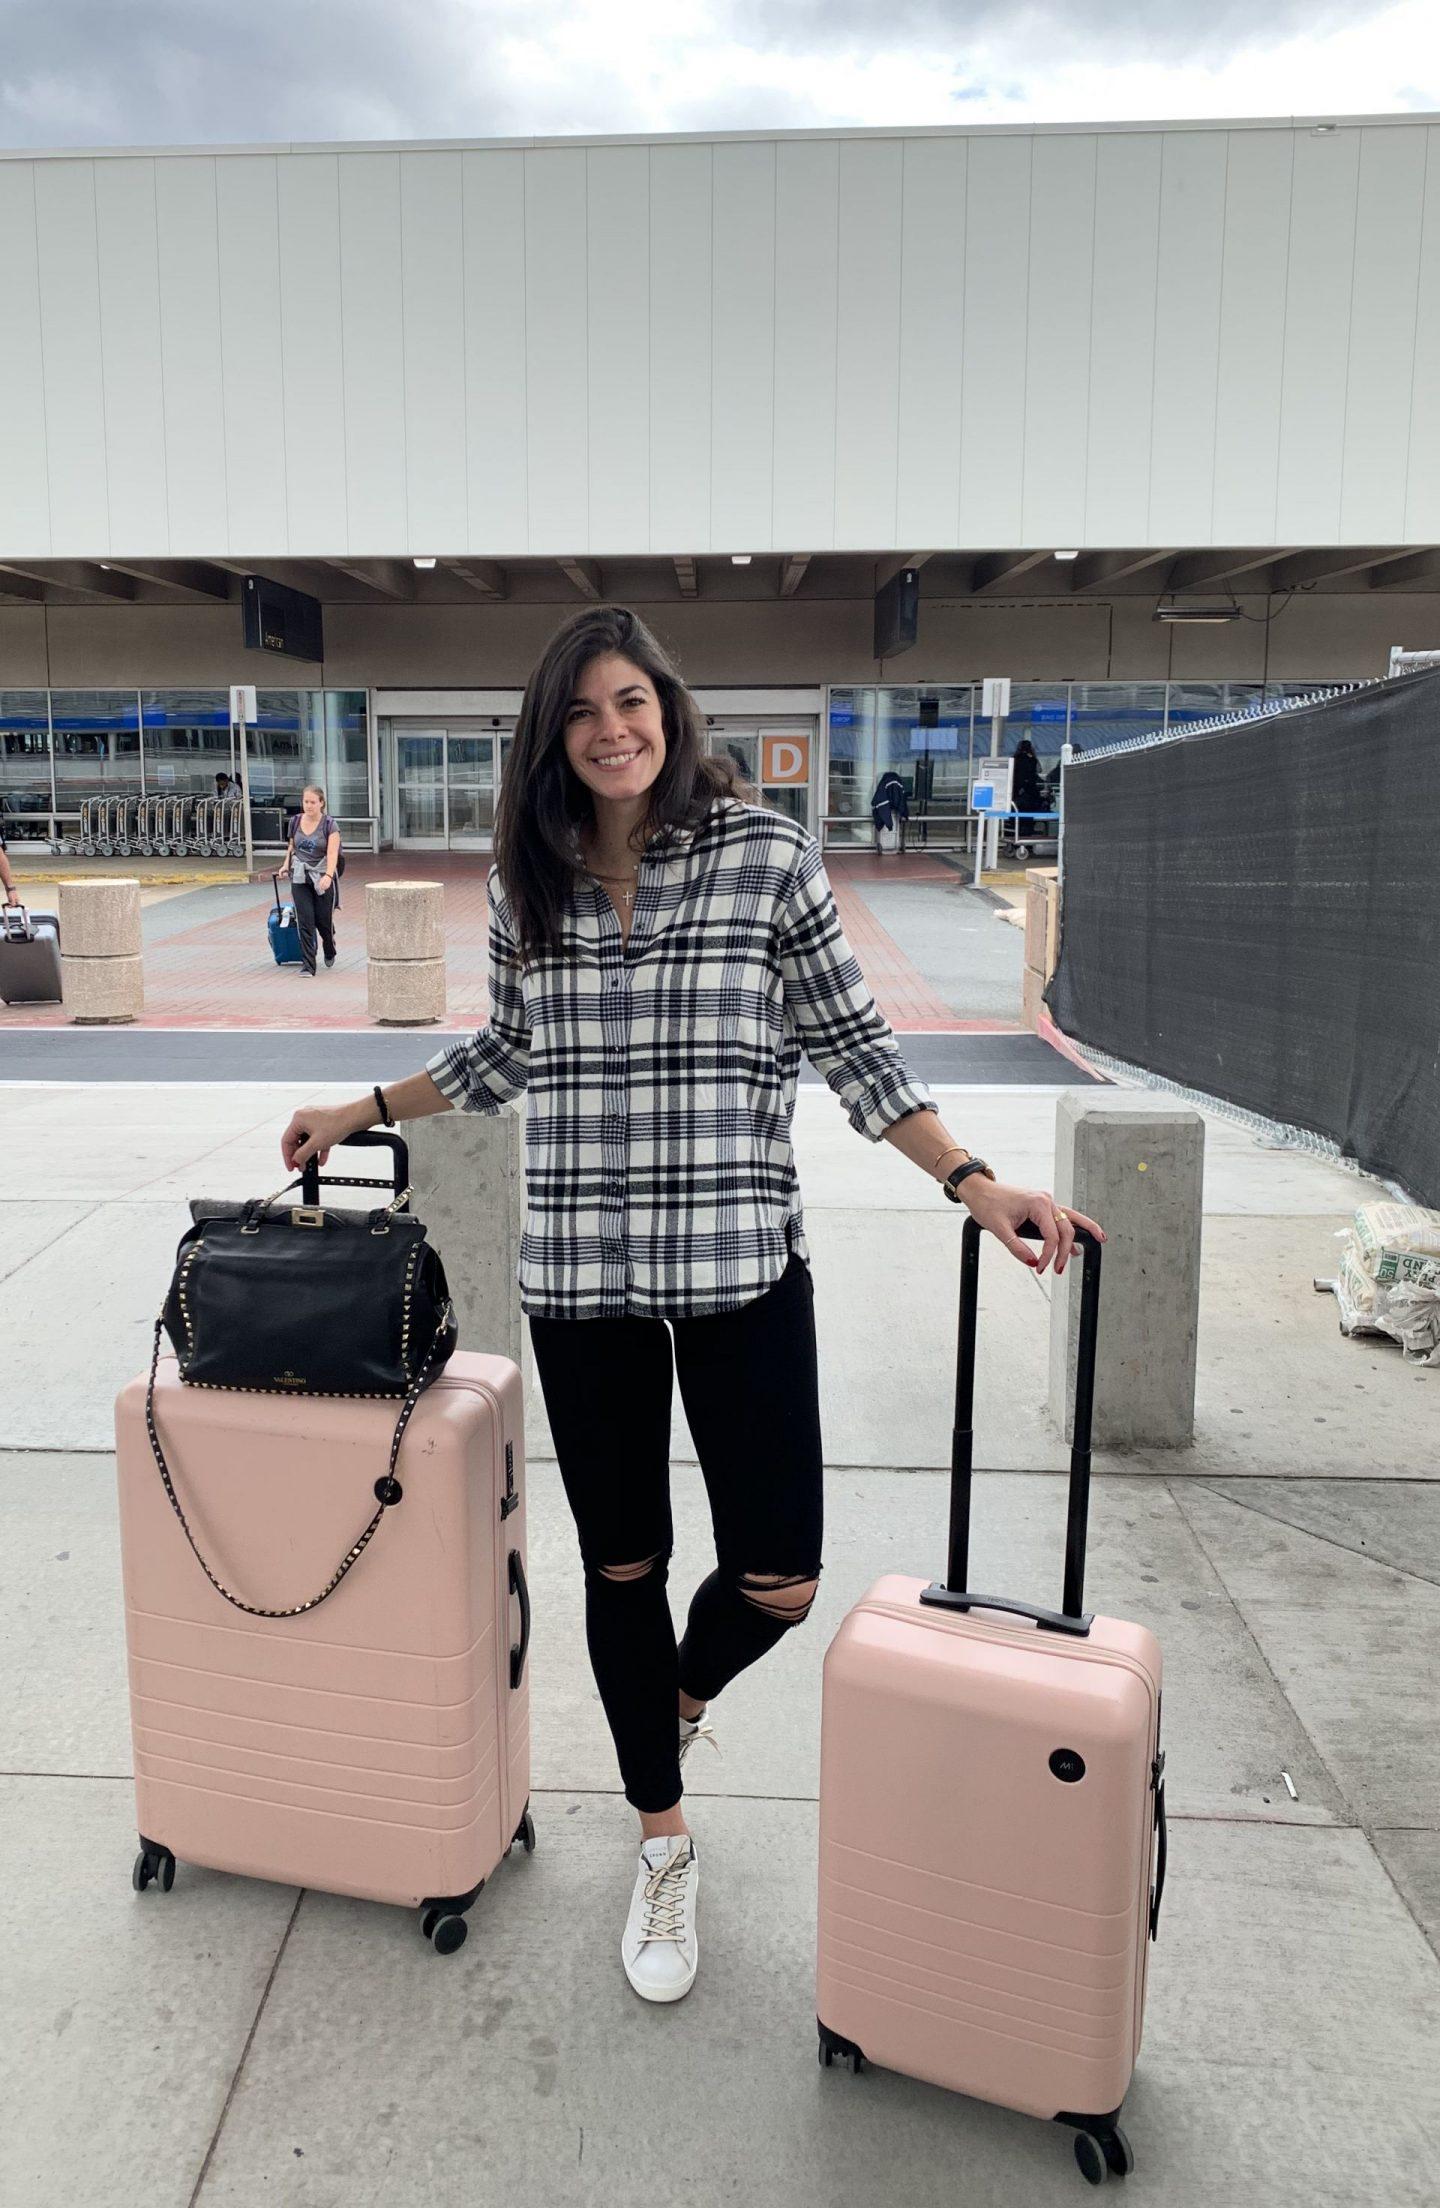 Monos Luggage - Airport Style - Lauren Schwaiger Style Blog